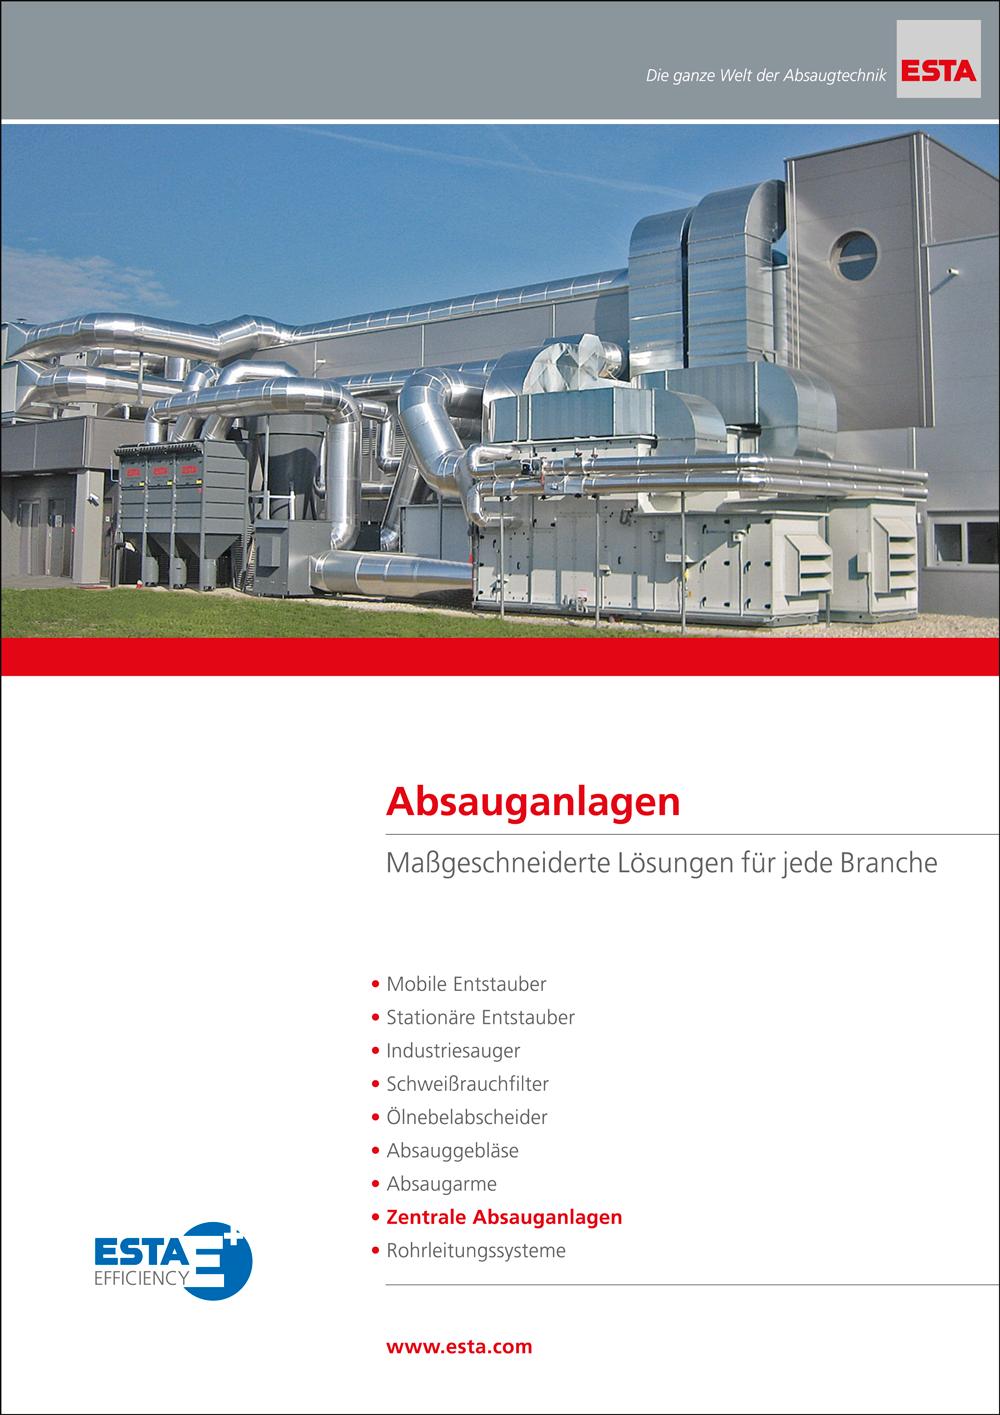 Die Anlagenbau Broschüre von ESTA.